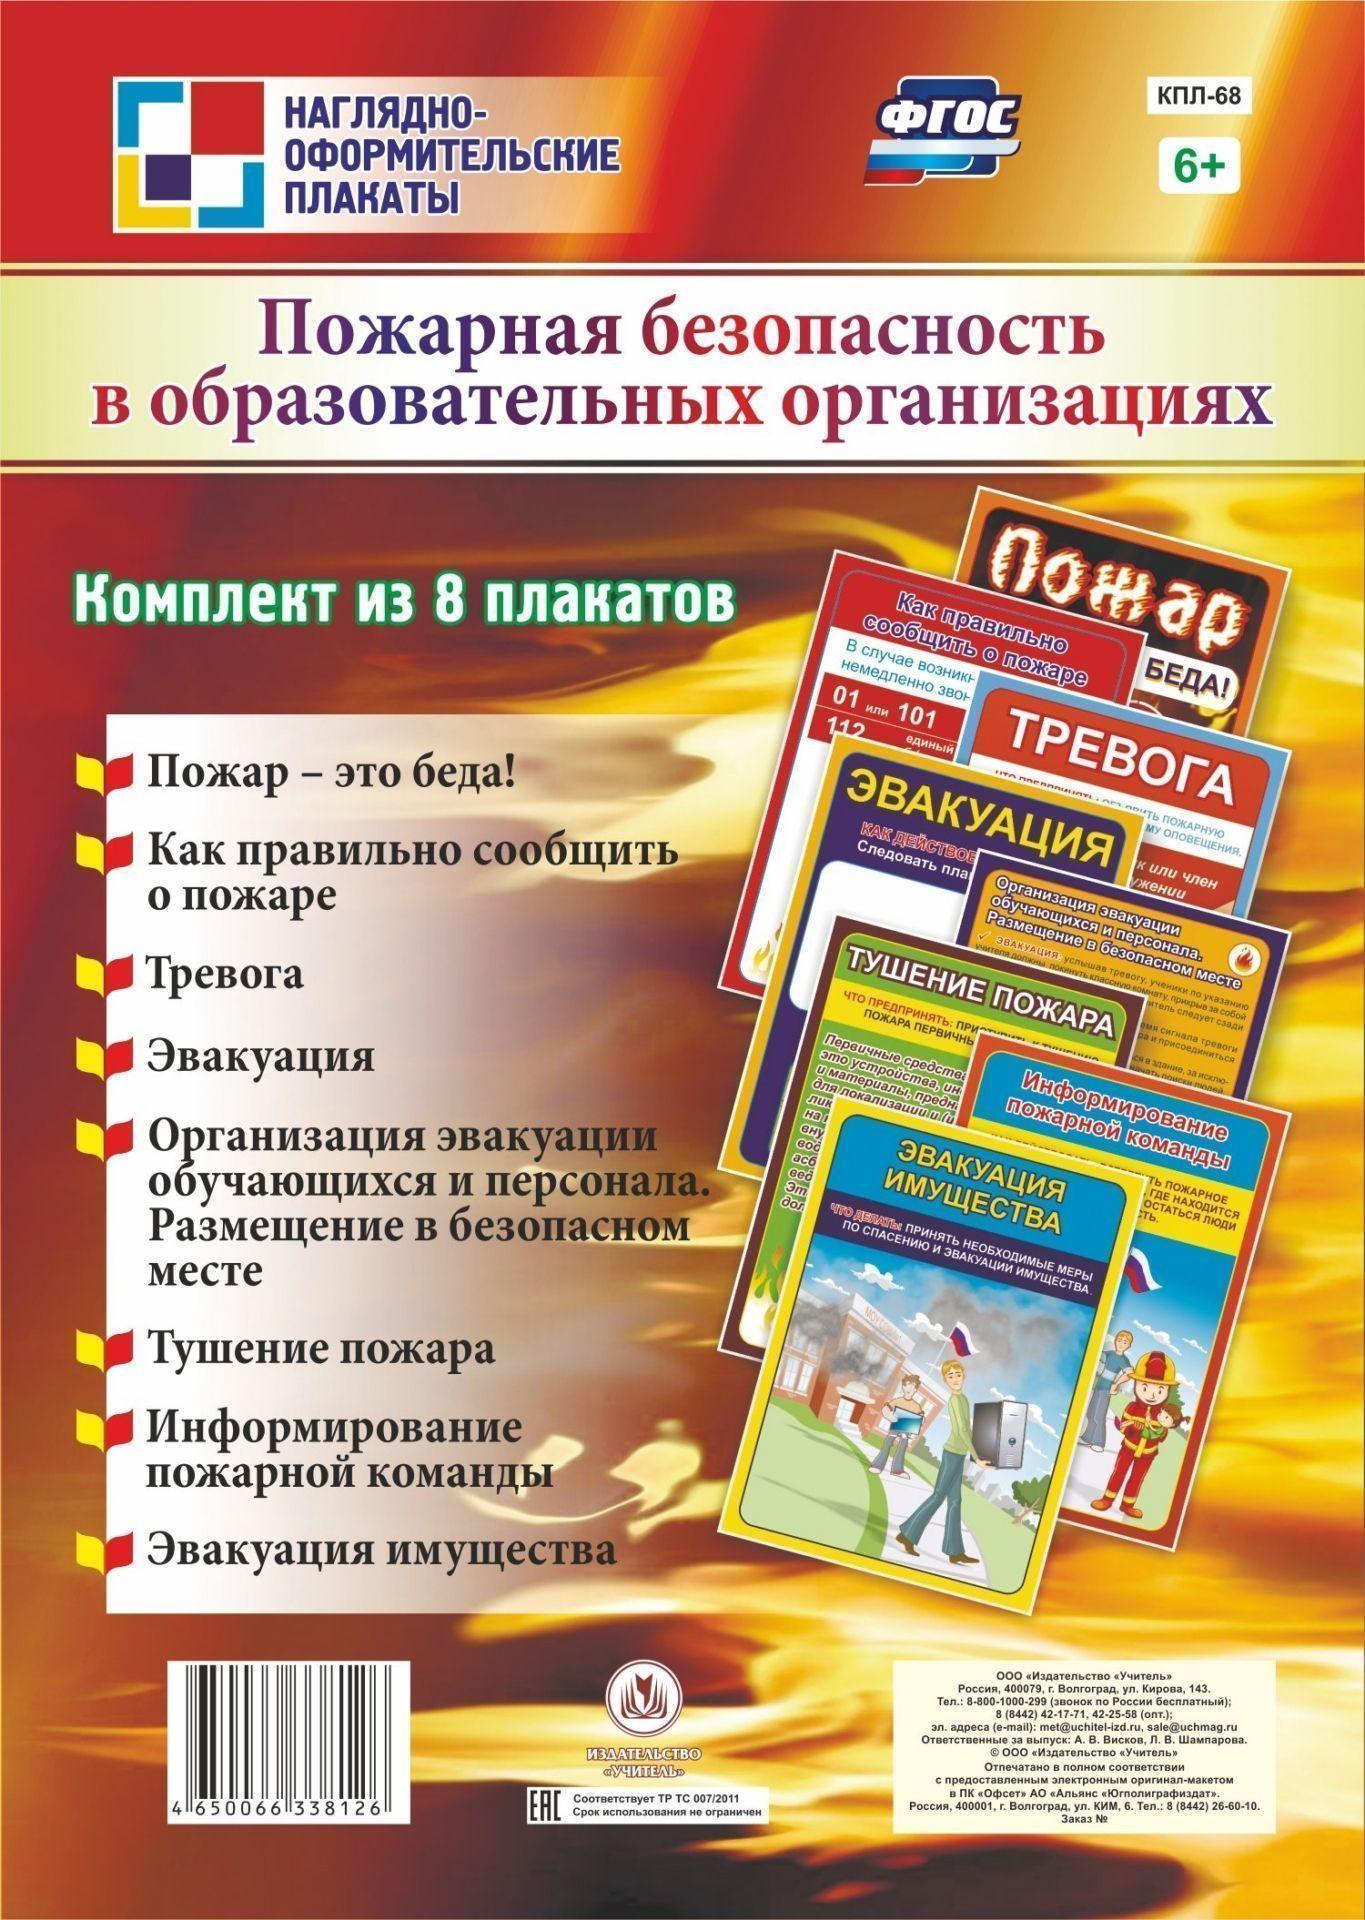 Комплект плакатов Пожарная безопасность в образовательных организациях: 8 плакатовТематические плакаты<br>.<br><br>Год: 2018<br>Серия: Наглядно-оформительские плакаты<br>Высота: 290<br>Ширина: 205<br>Толщина: 3<br>Переплёт: набор